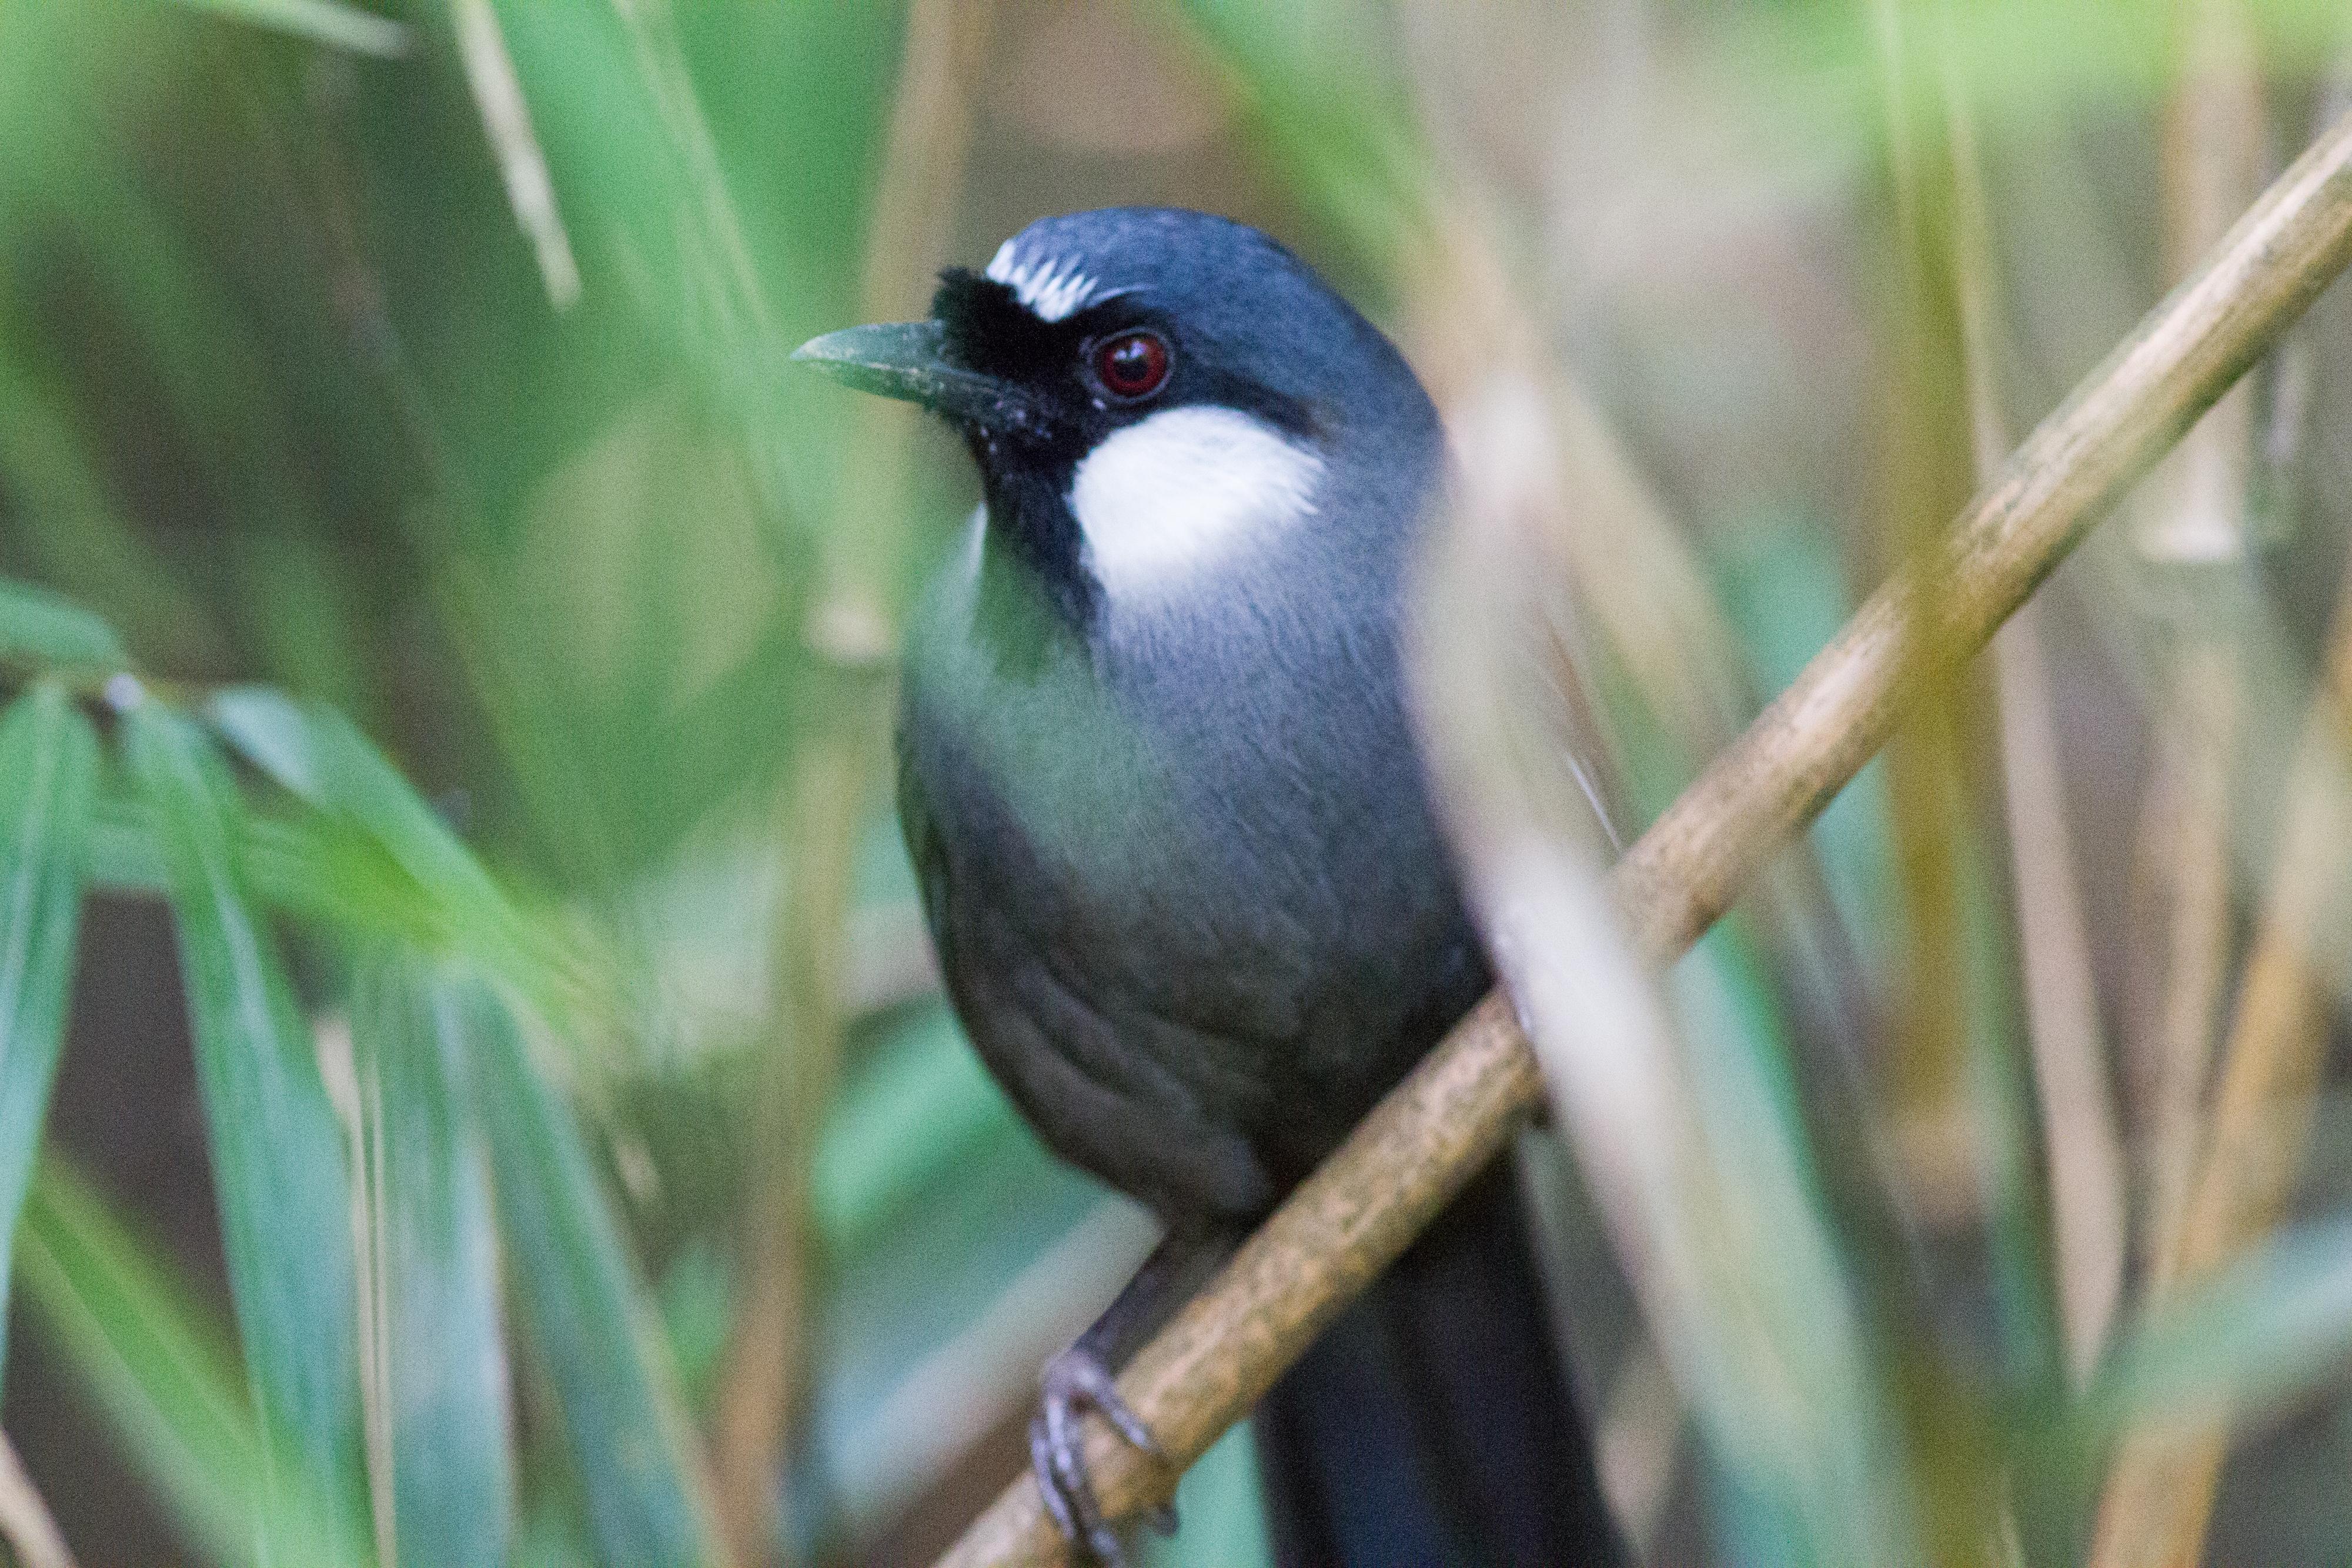 黑喉噪鶥Black-throated Laughingthrush